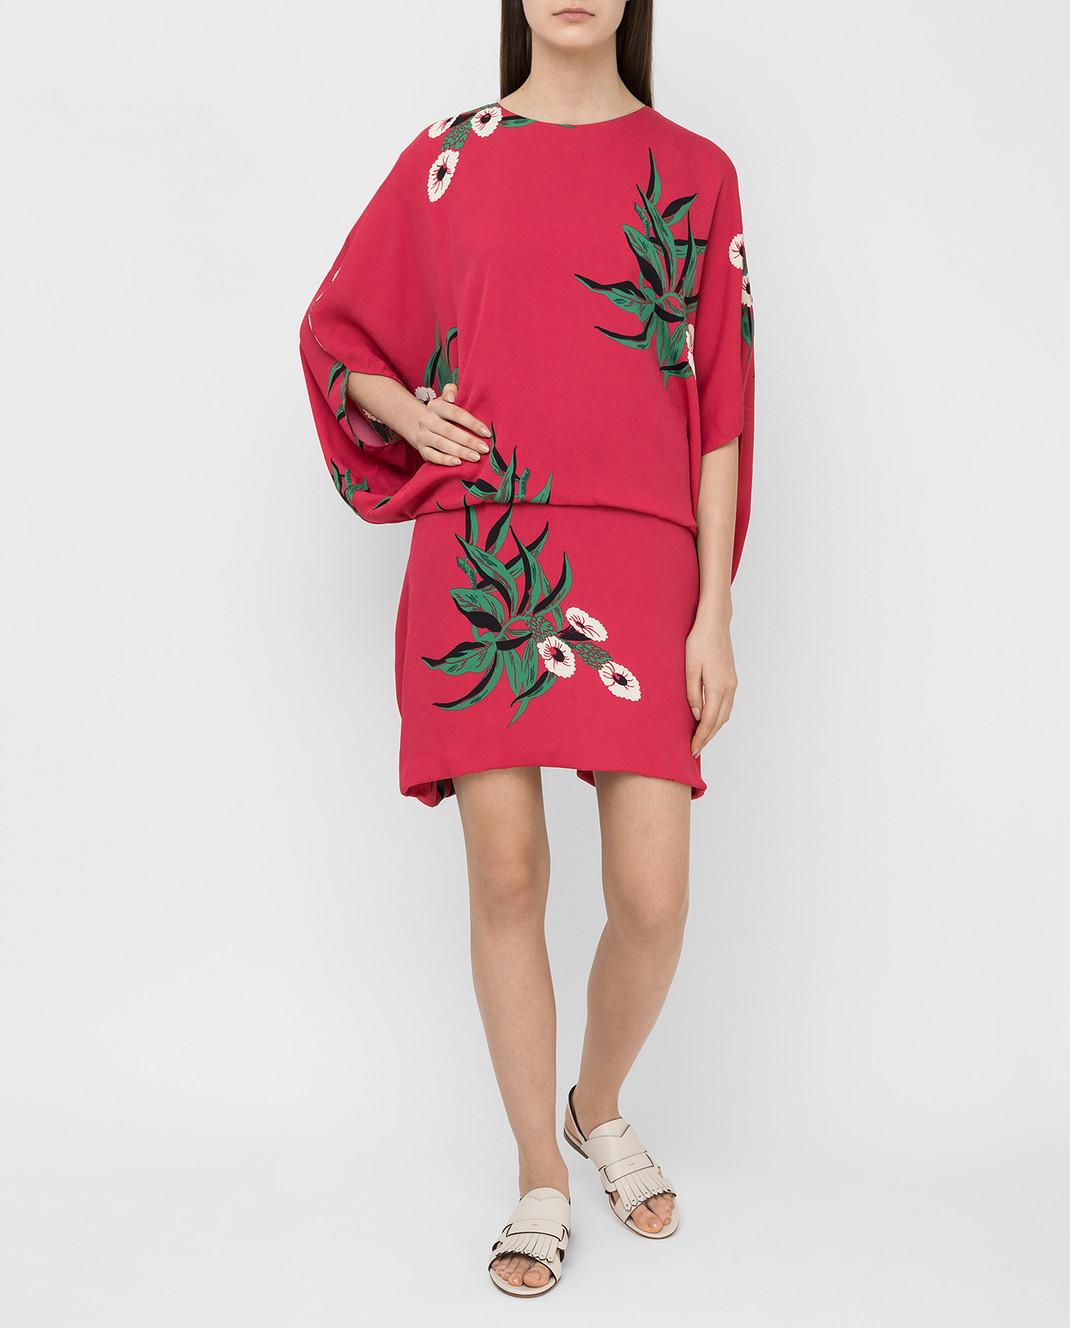 Marni Малиновое платье ABMAR17U00TV392 изображение 2